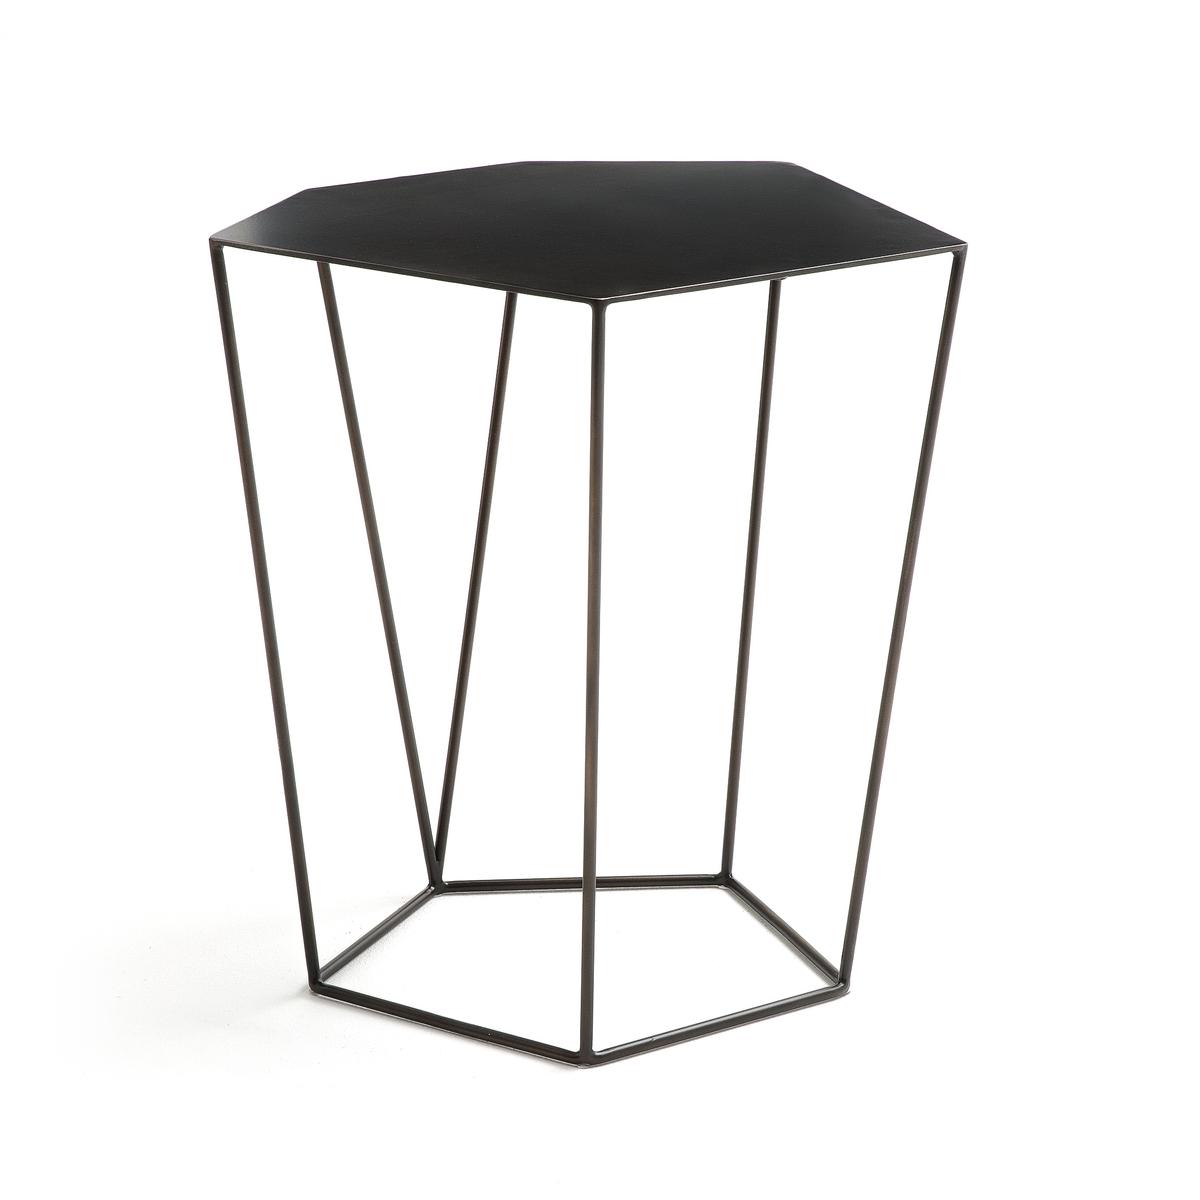 Столик журнальный металлический, В50 см, Disicole зеркало ш 84 x в 50 см kancona